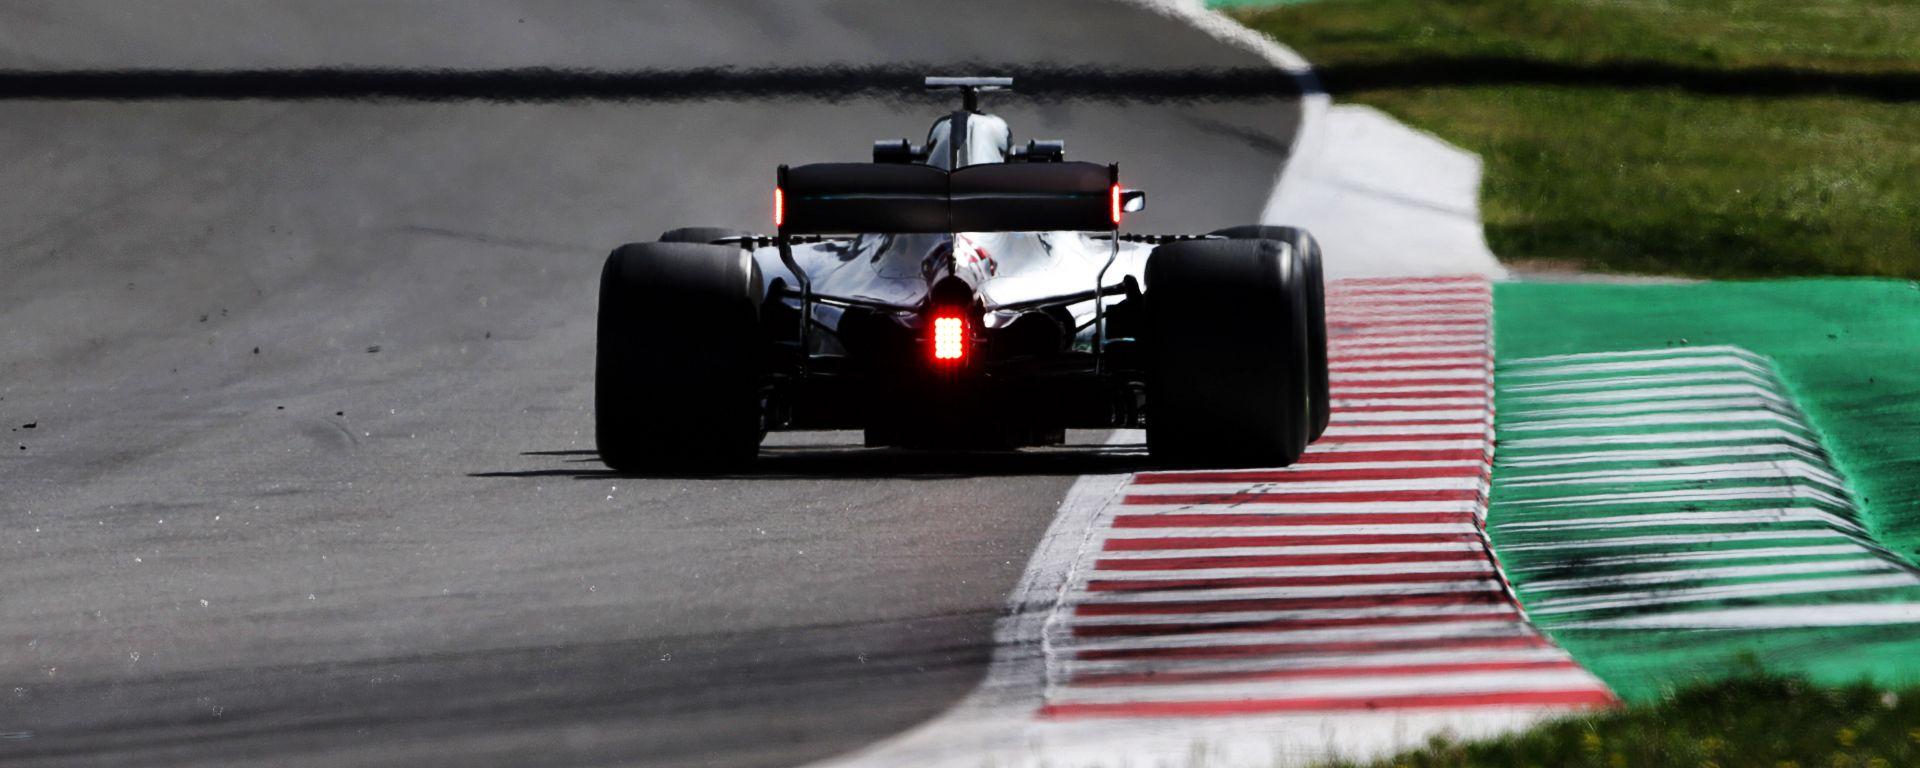 F1: il retrotreno della Mercedes W09 del 2018